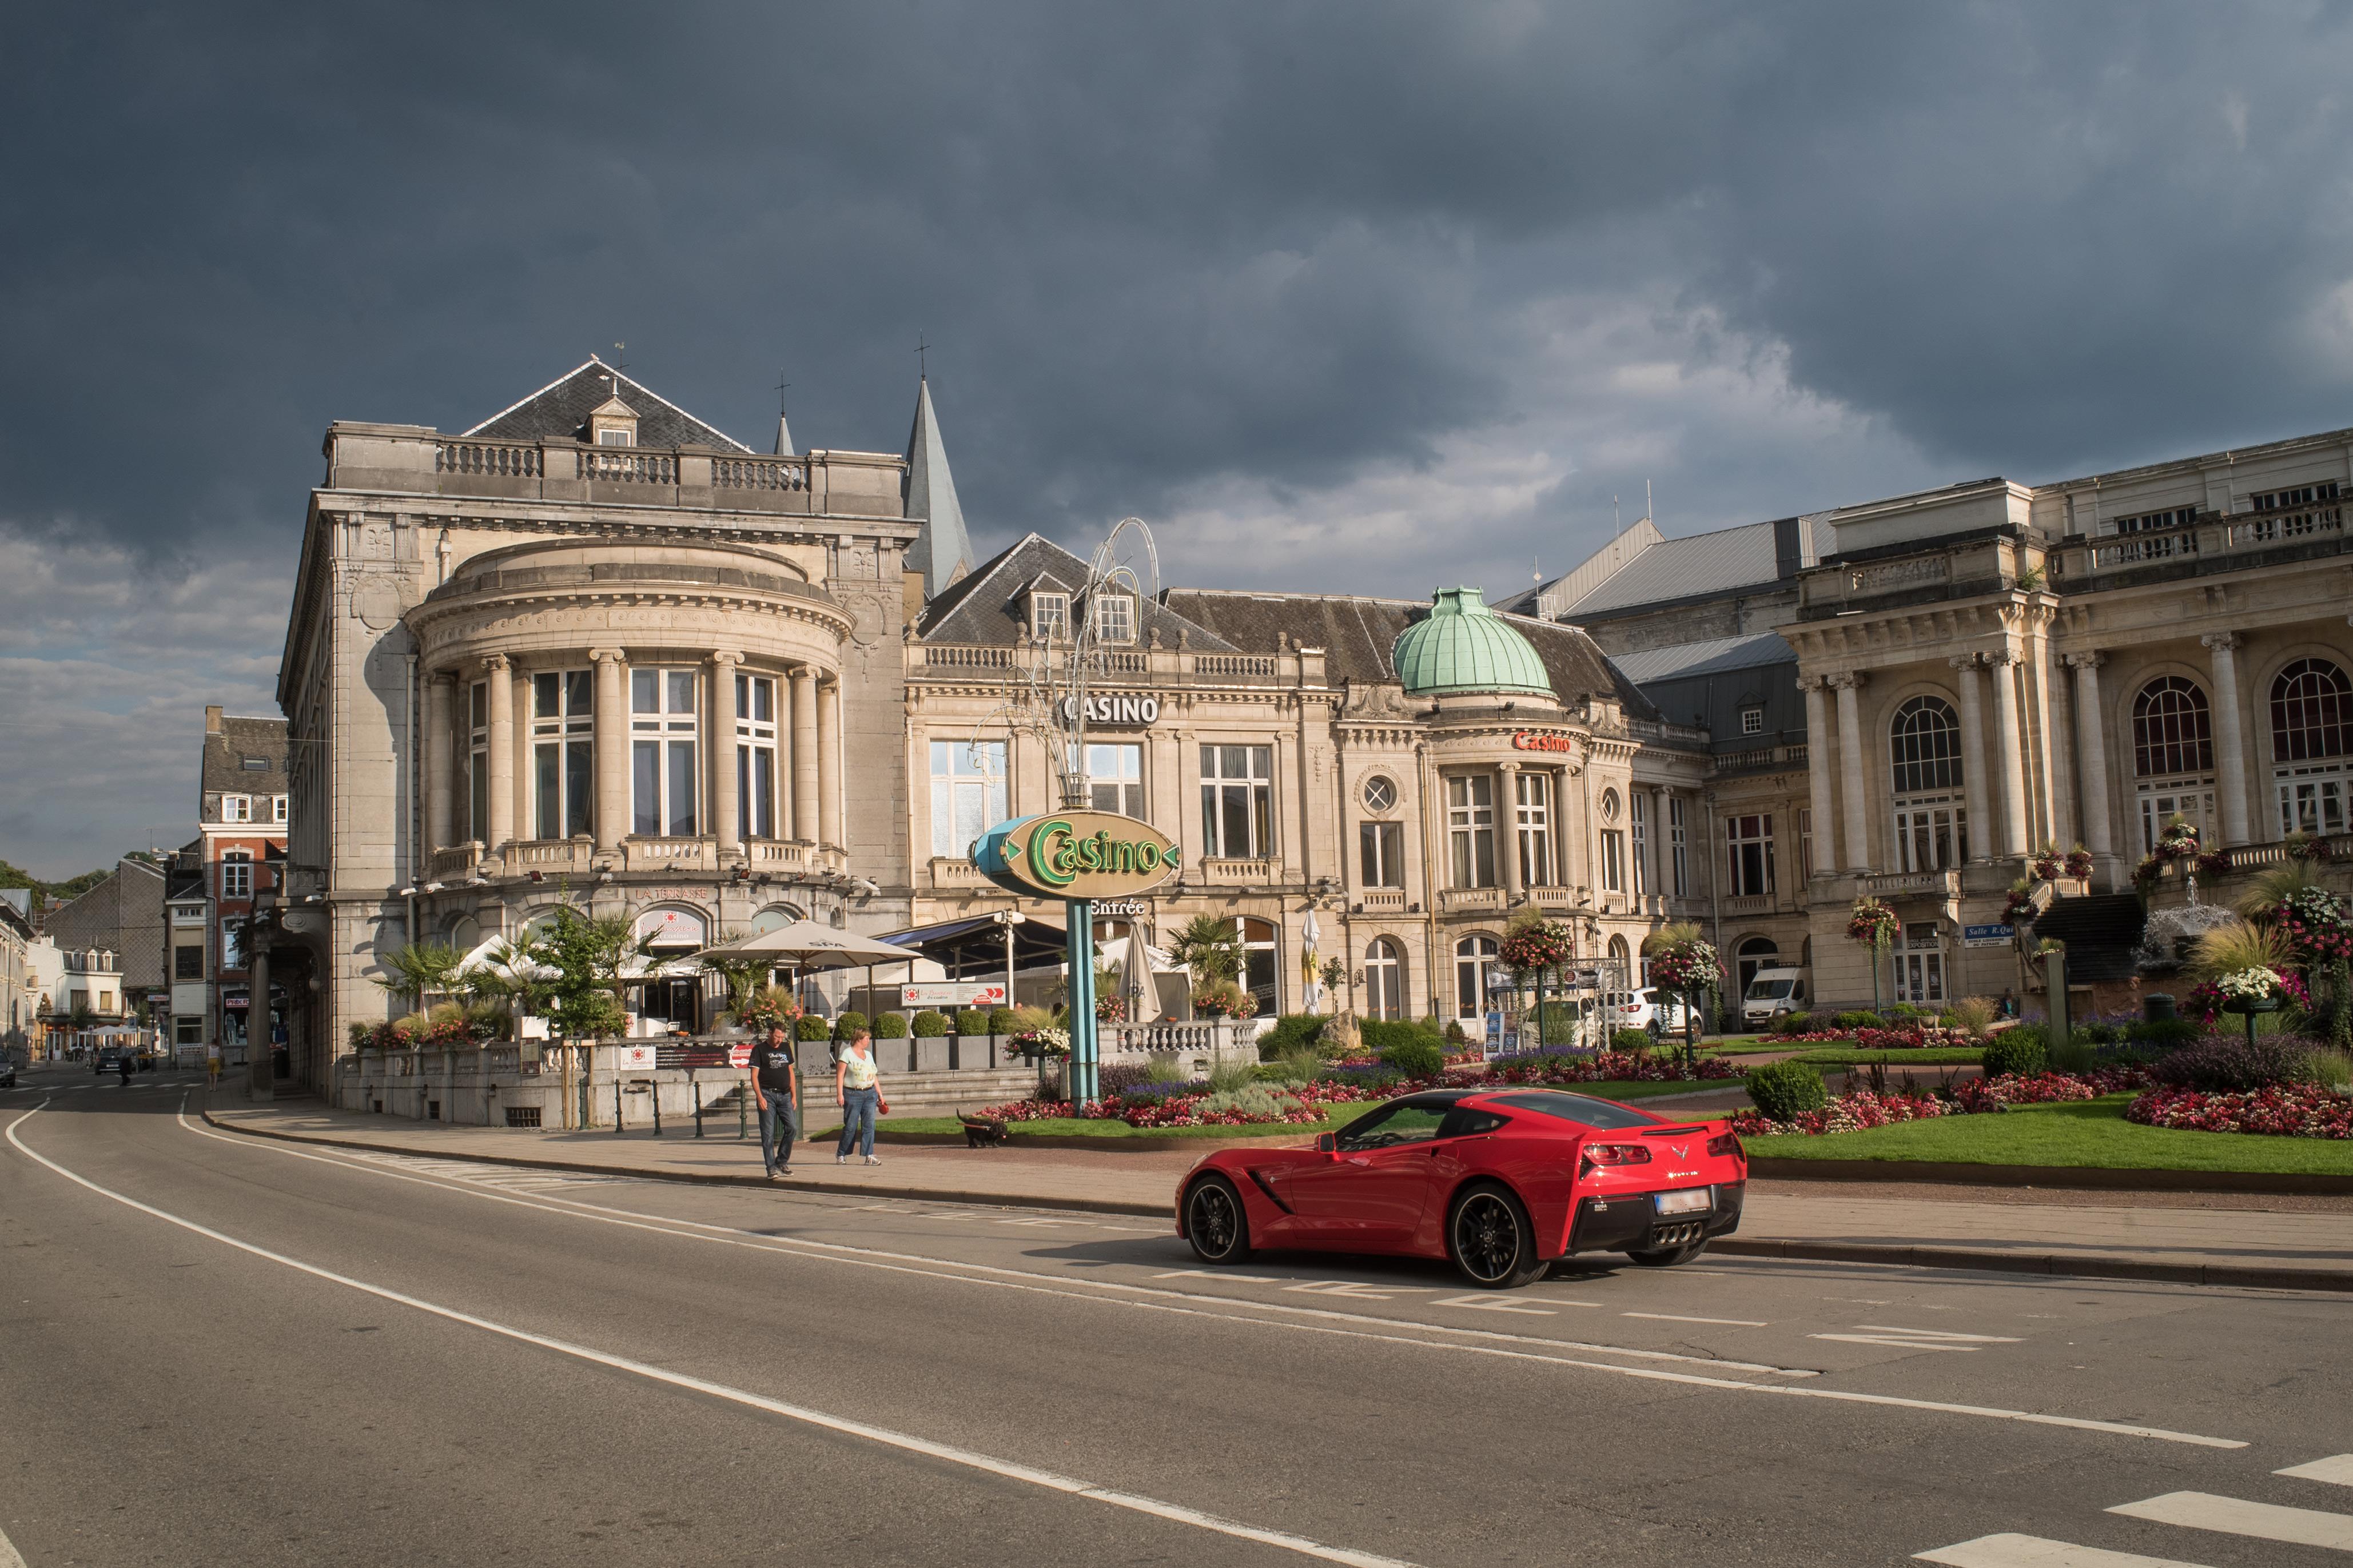 Casino in Spa